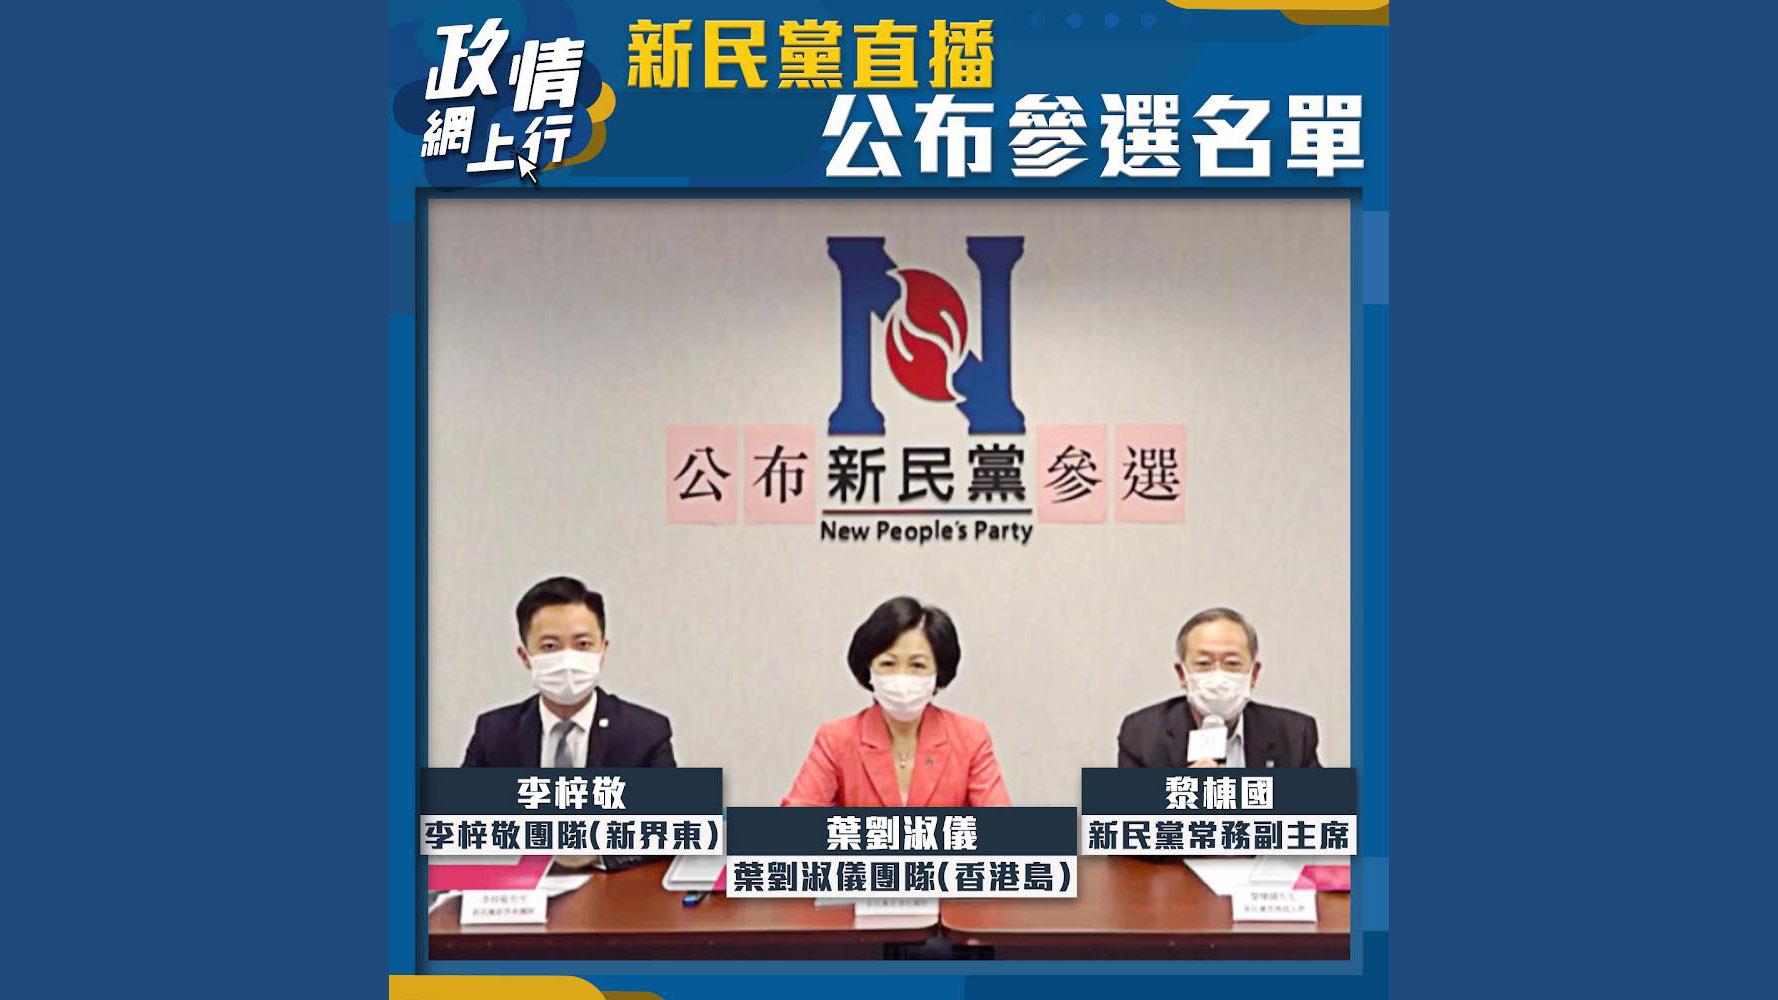 【政情網上行】新民黨直播公布參選名單